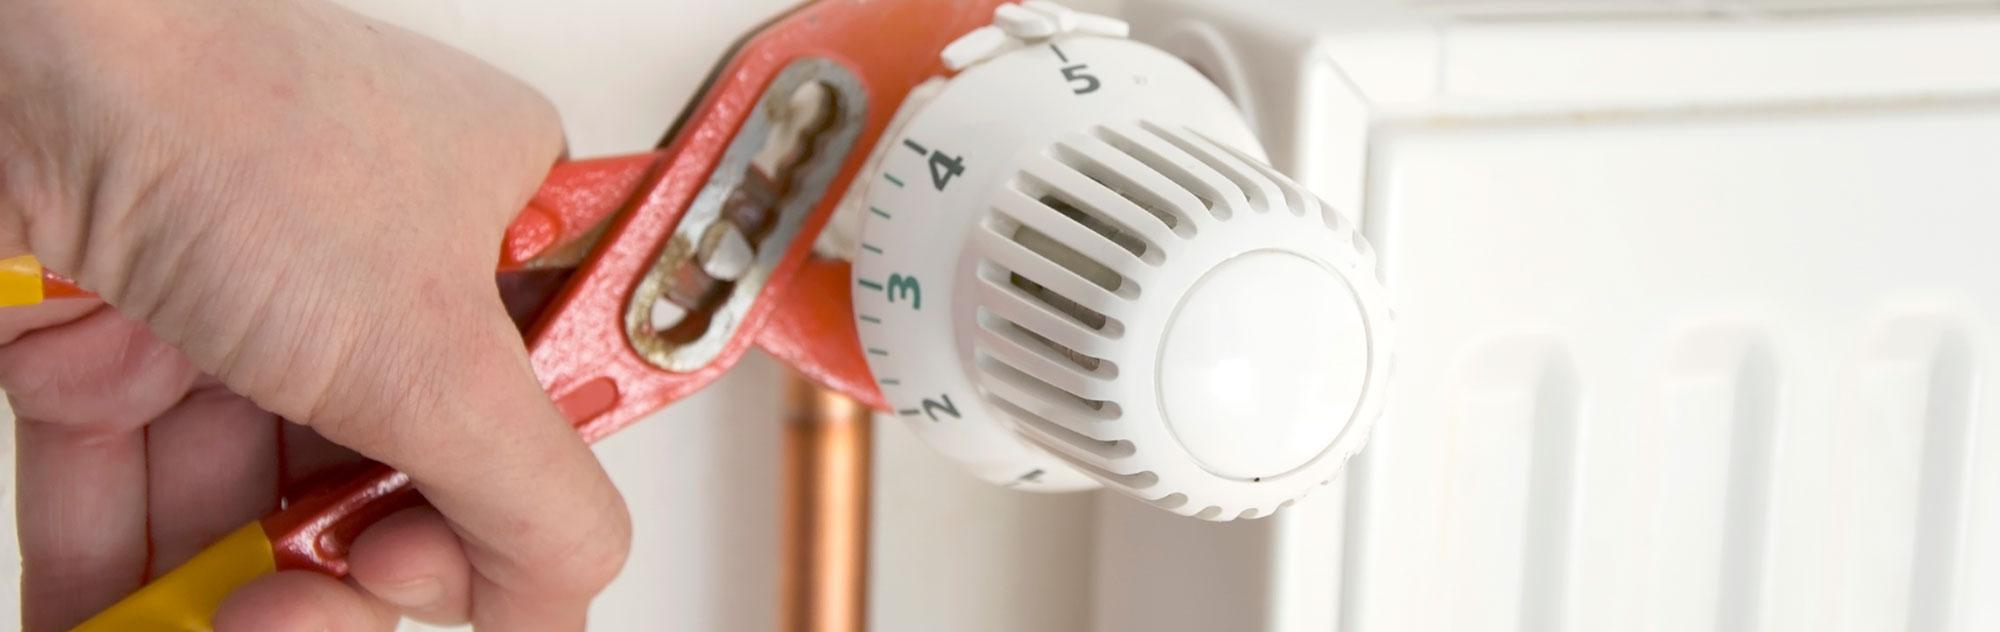 instalación fontanería y calefacción